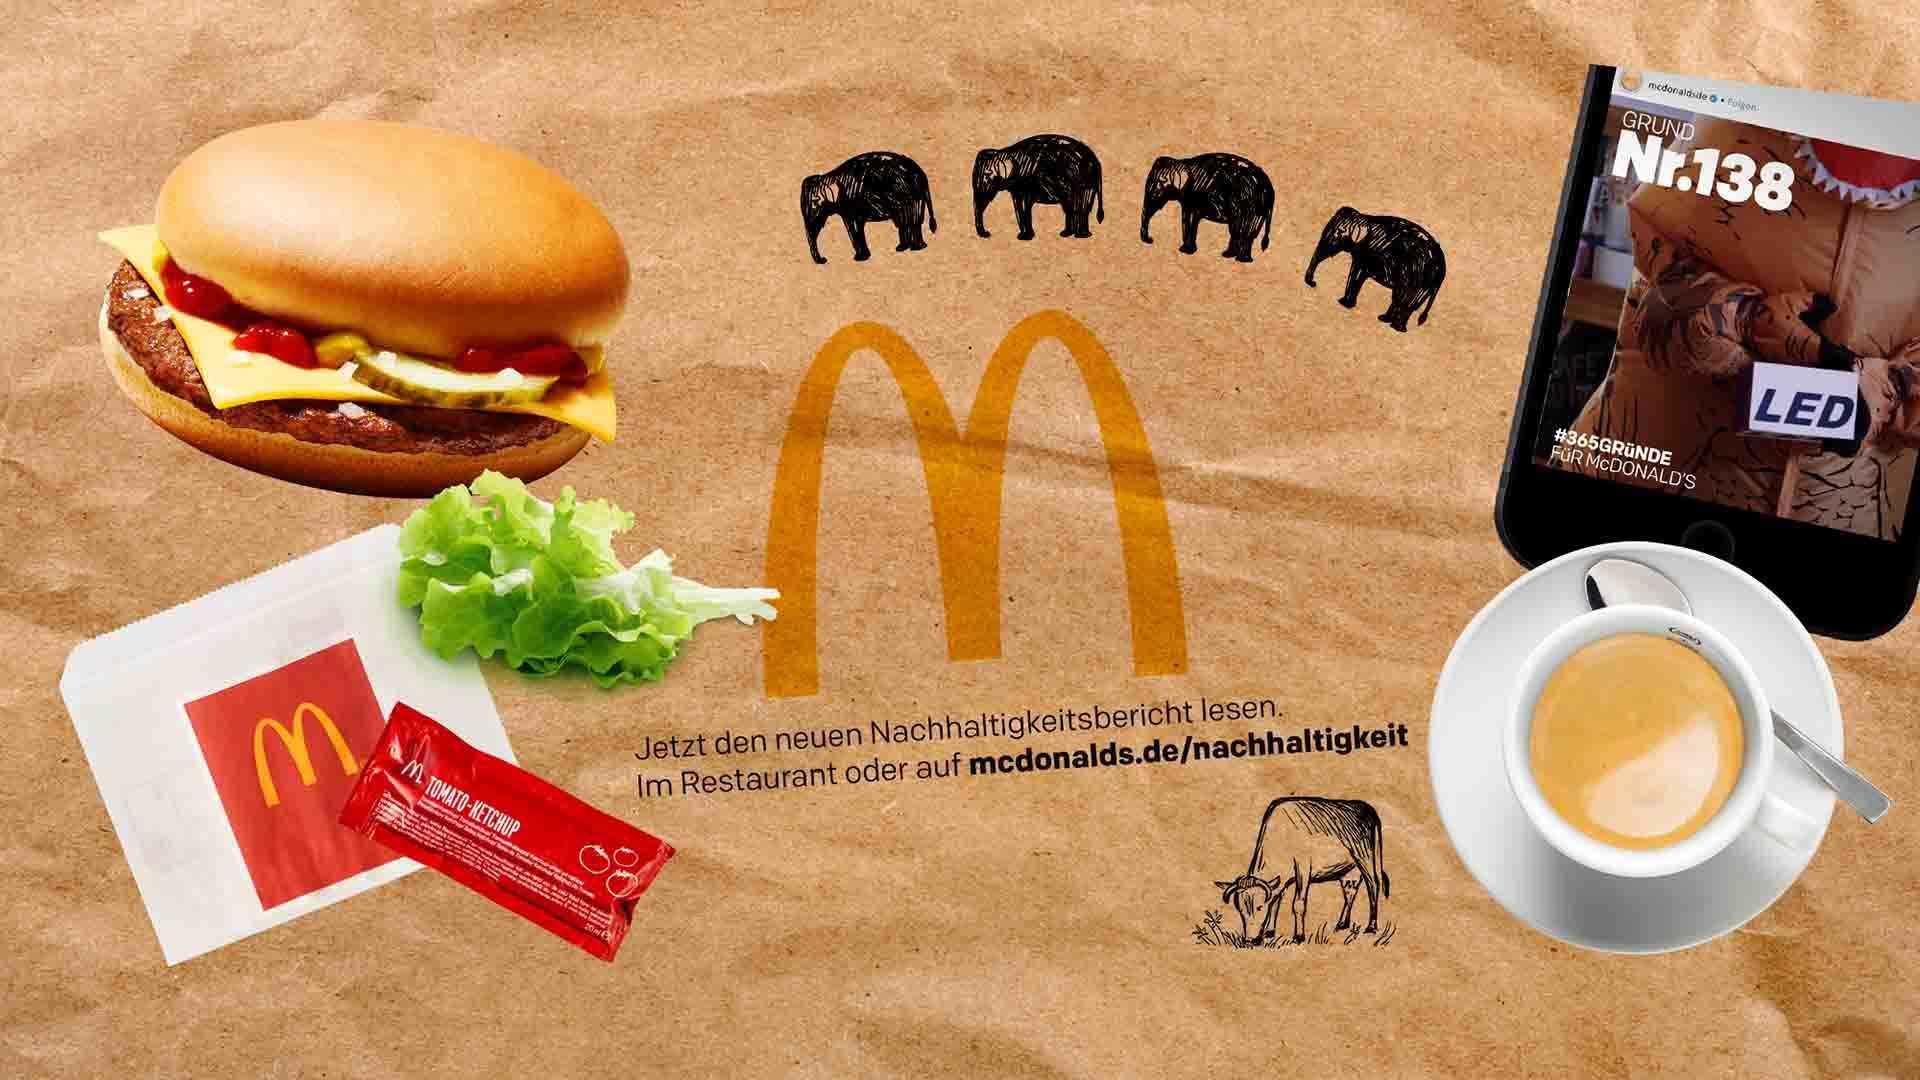 Das Bild zeigt einen Hintergrund der braun gefärbt ist. Die Mitte des Bildes wird durch ein gelbes M, das M des McDonalds Logos, geziert. Um das M herum sind rechts ein Kaffee und ein Handy zu finden. Über dem M sind kleine Elefanten auf den Hintergrund gezeichnet worden. Links neben dem M steht ein Burger, einige Salatblätter, eine Packung Ketchup sowie eine Serviette. Das ganze Bild ist eine Animation. Das Bild dient als Titelbild für den Portfolioeintrag McDonald's Nachhaltigkeits Erklärfilme von Panda Pictures.